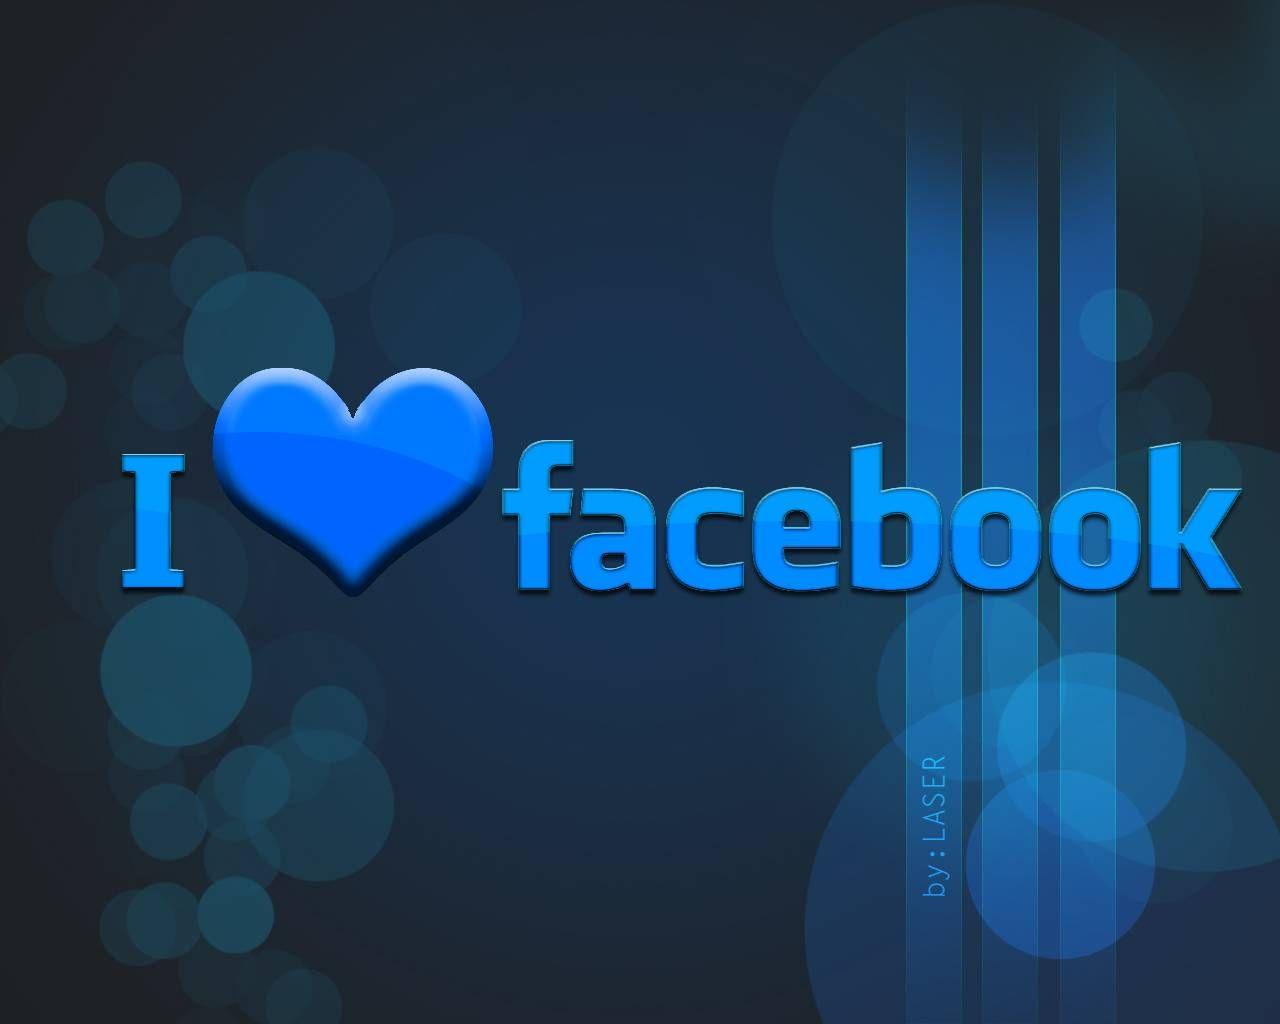 Wallpapaer For Facebook Com Love Facebook Wallpaper Facebook